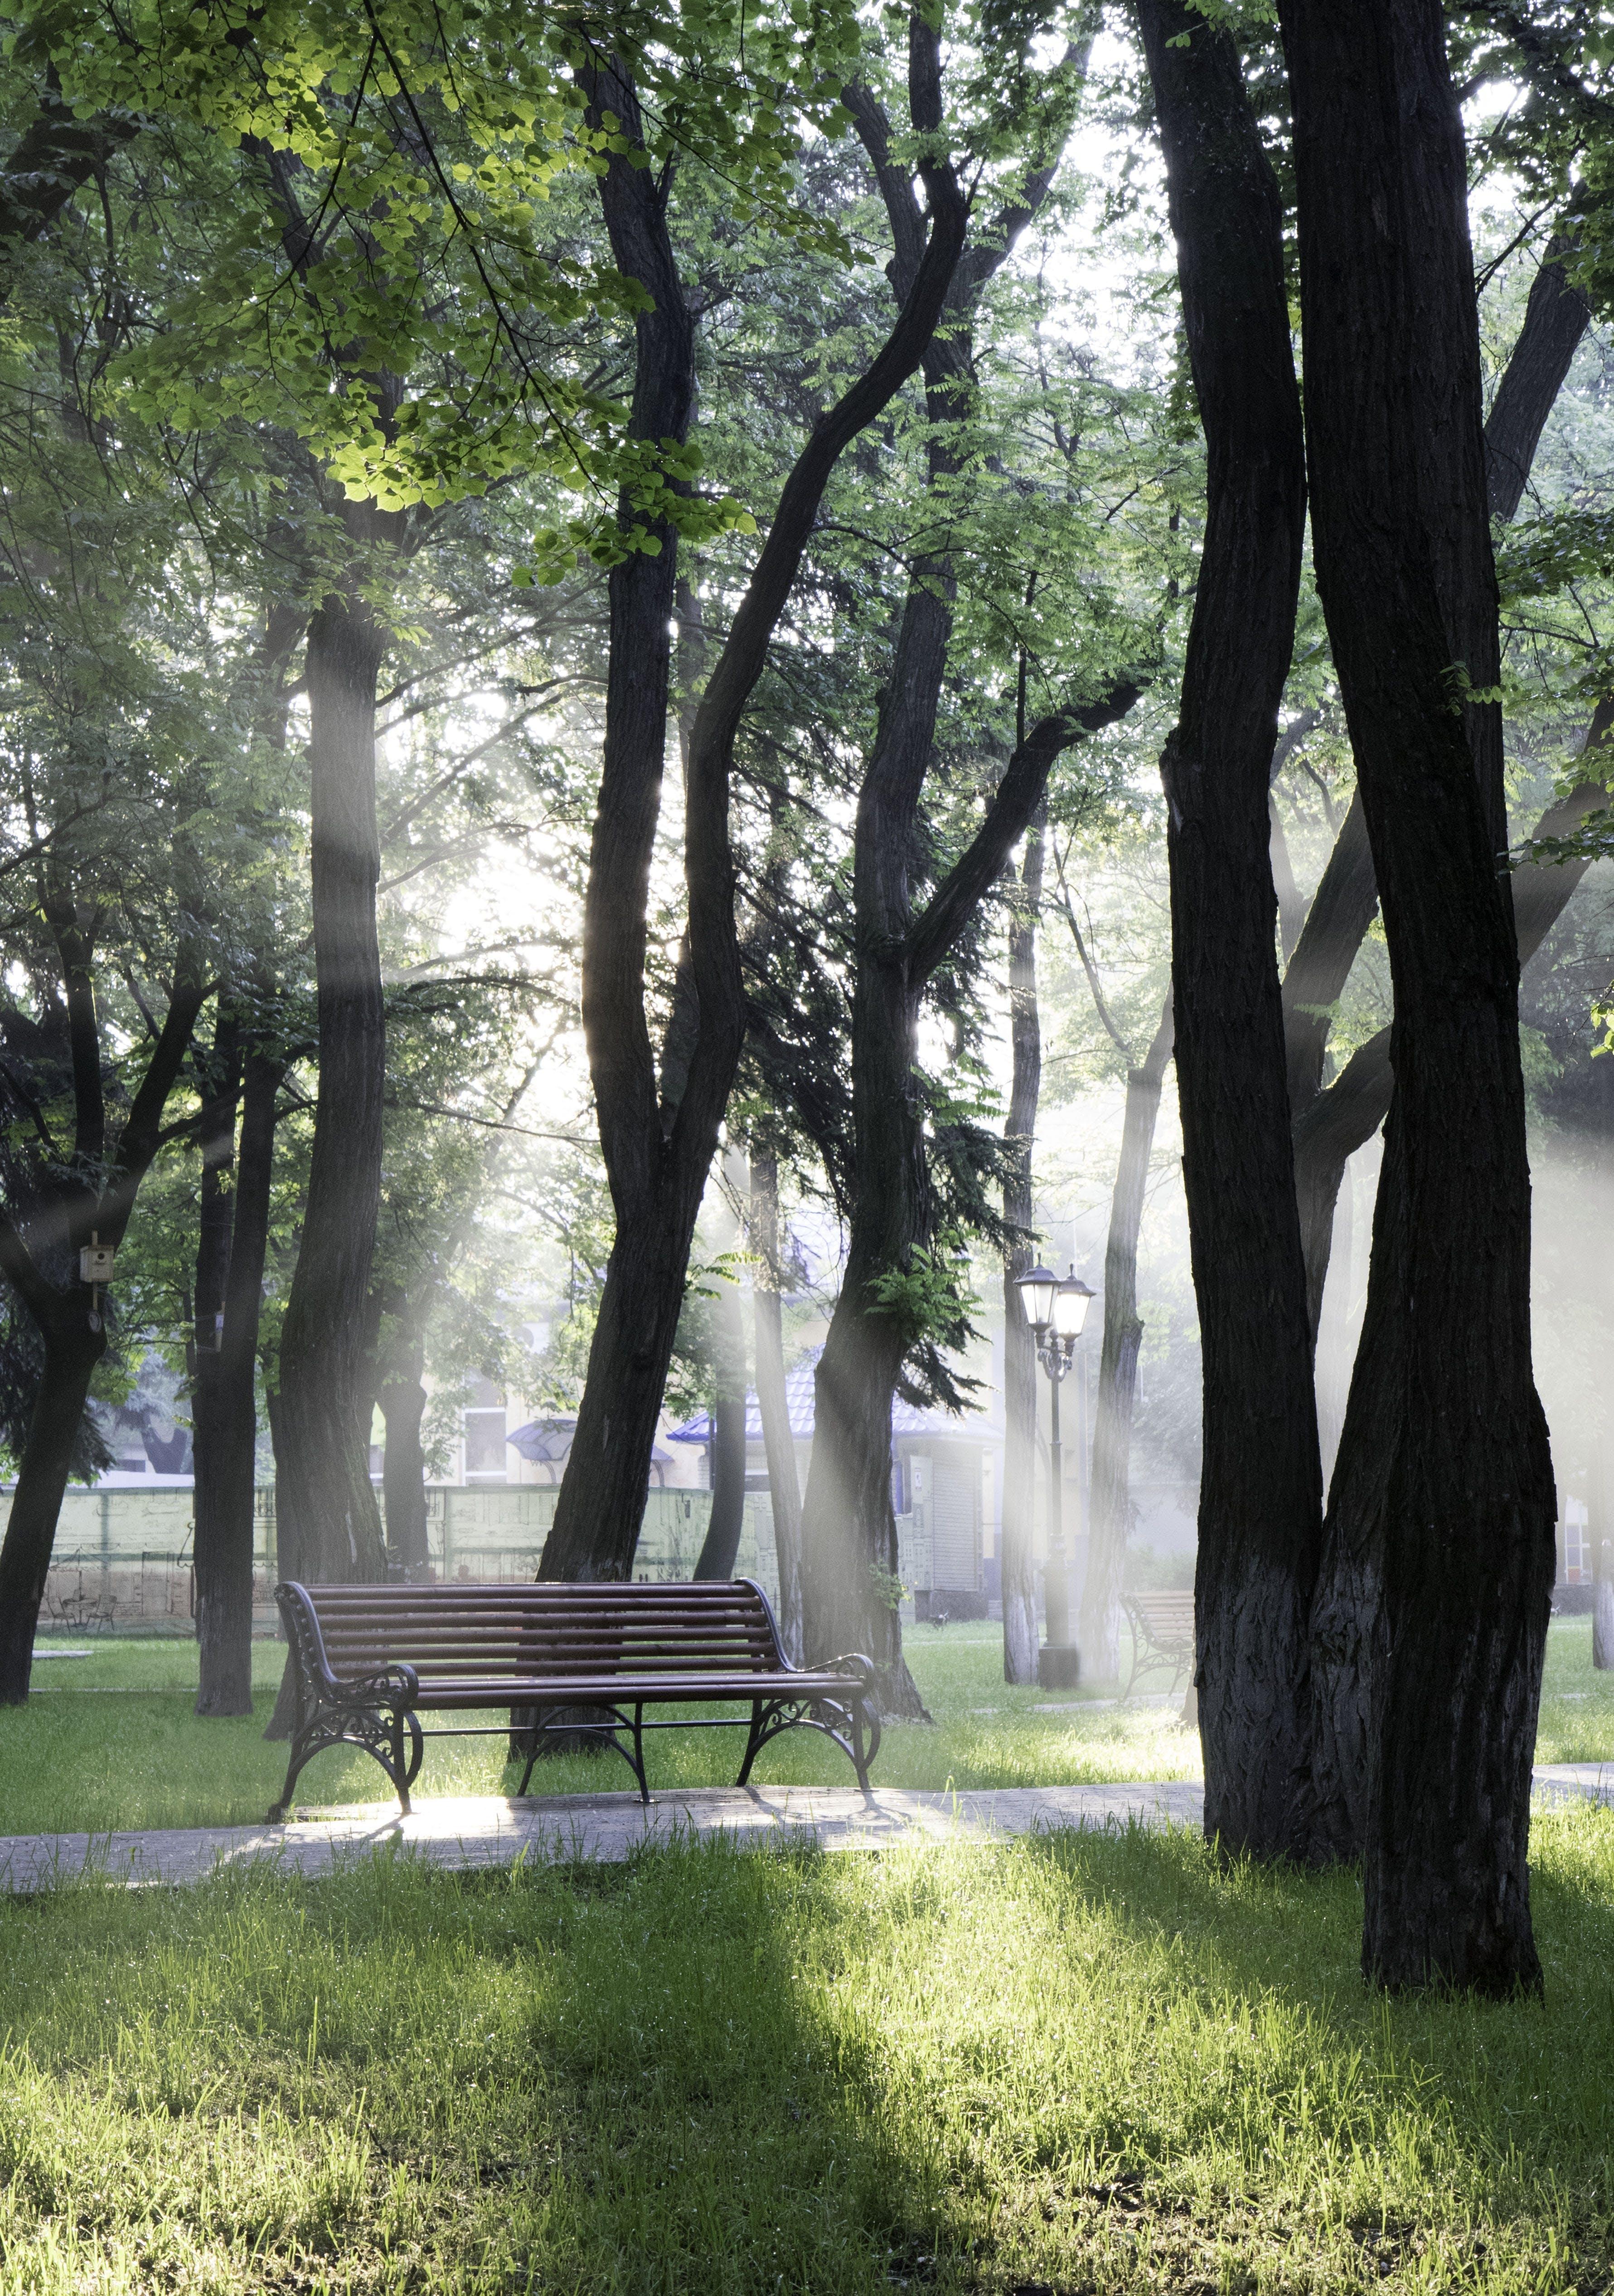 Gratis stockfoto met bank, begeleiding, bomen, bossen